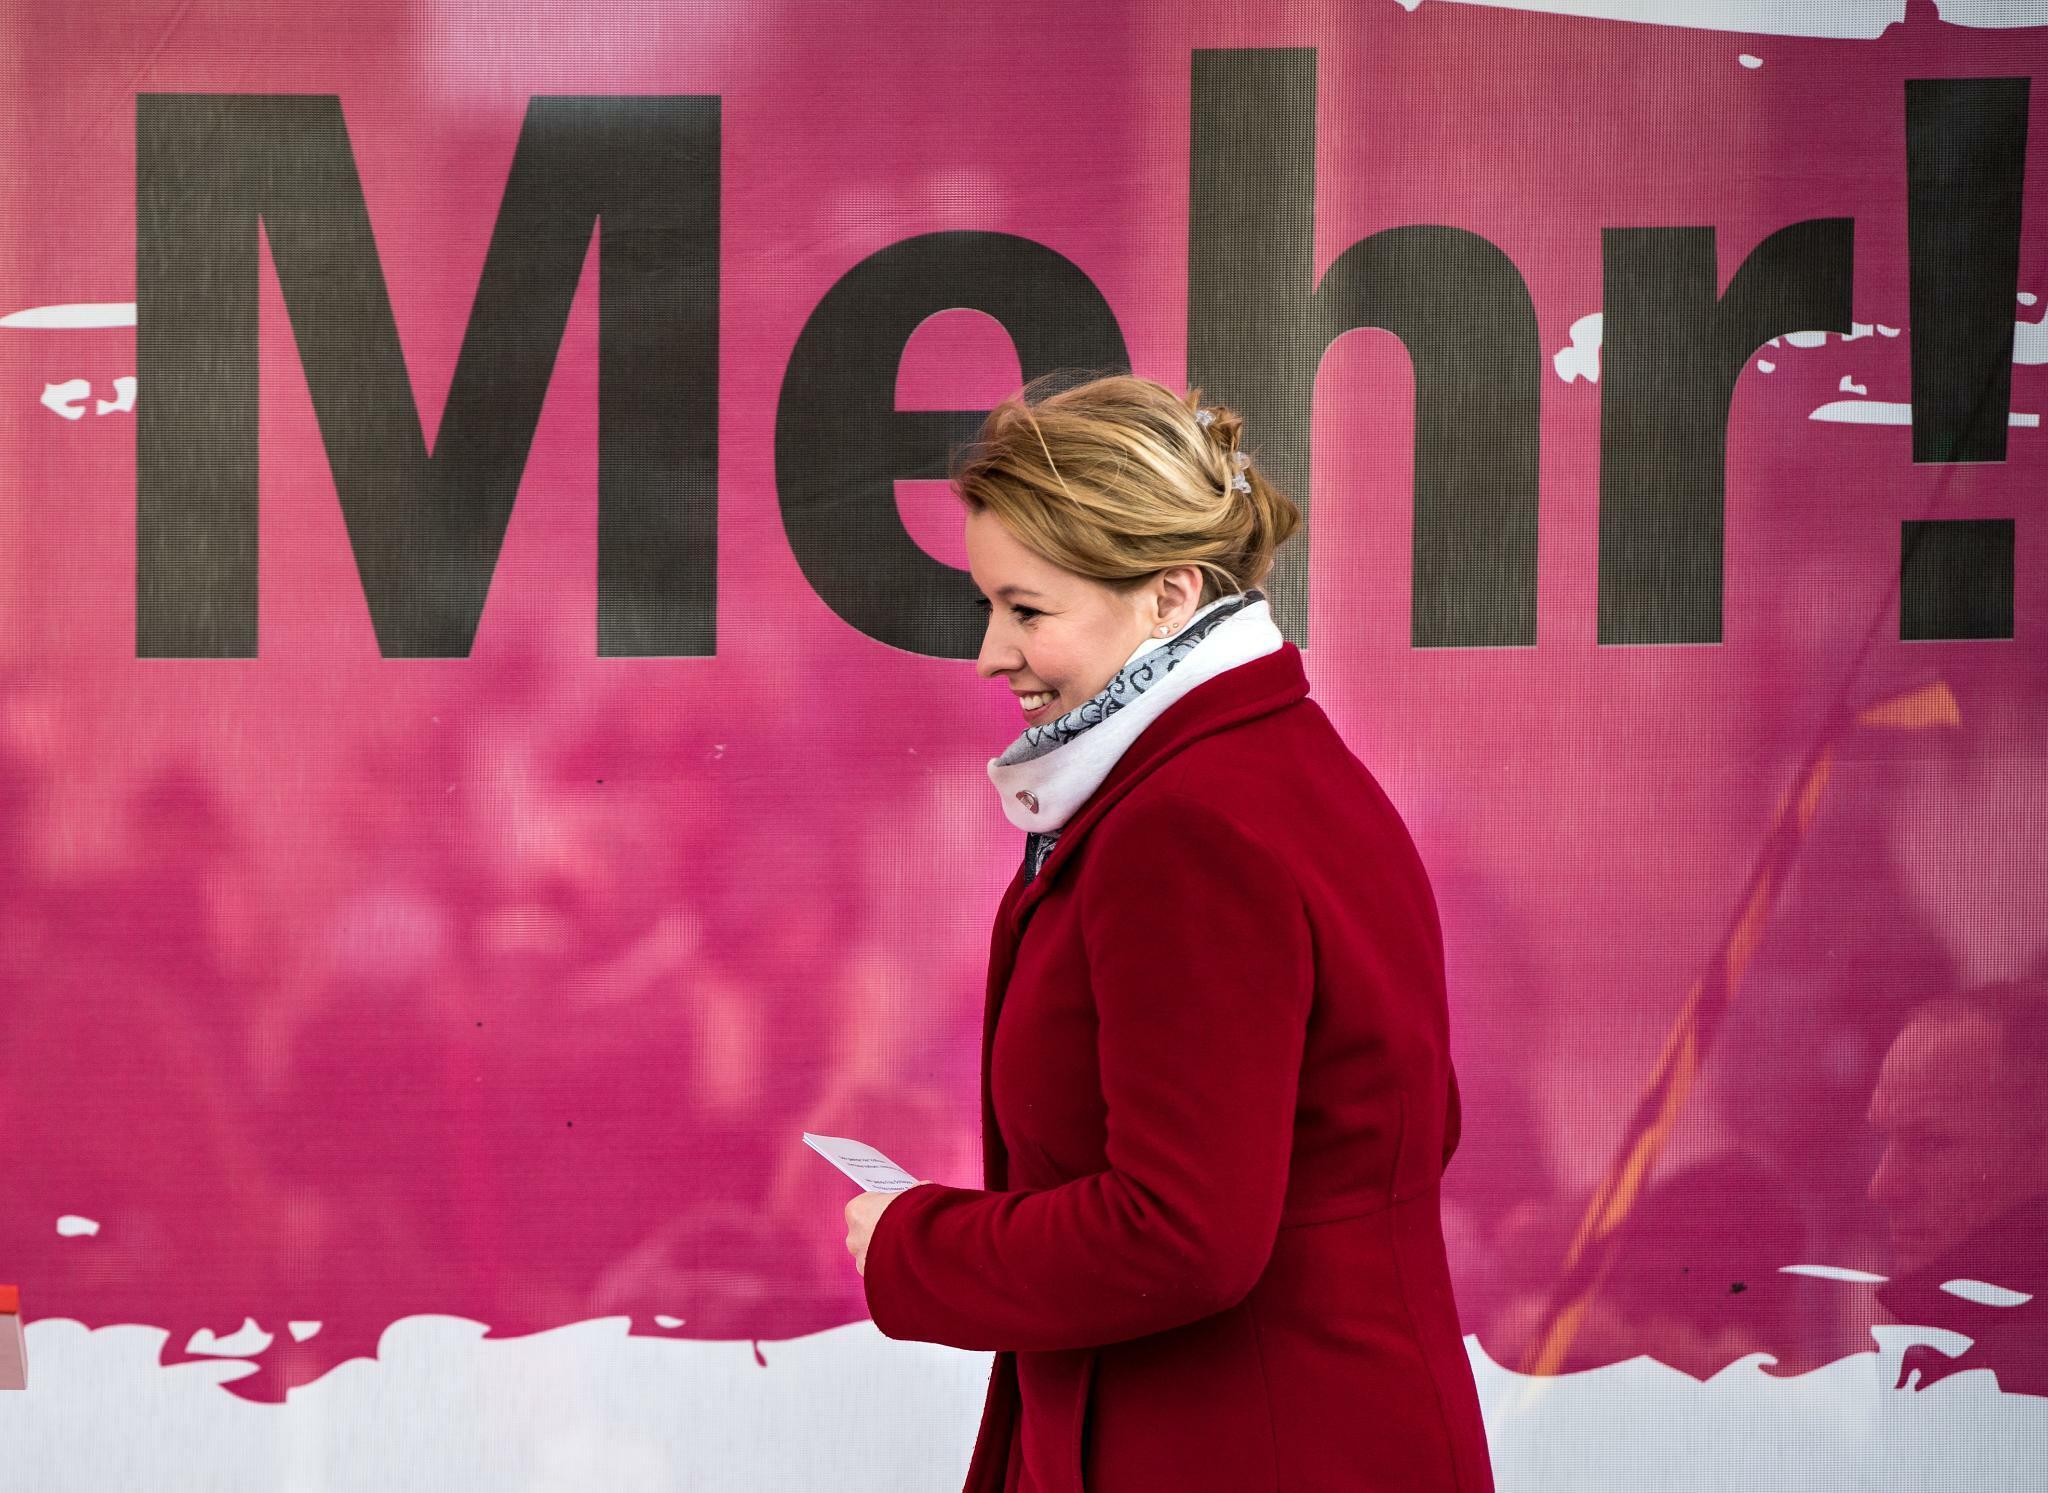 Bund überarbeitet Gesetz zum Anteil von Frauen in Unternehmen